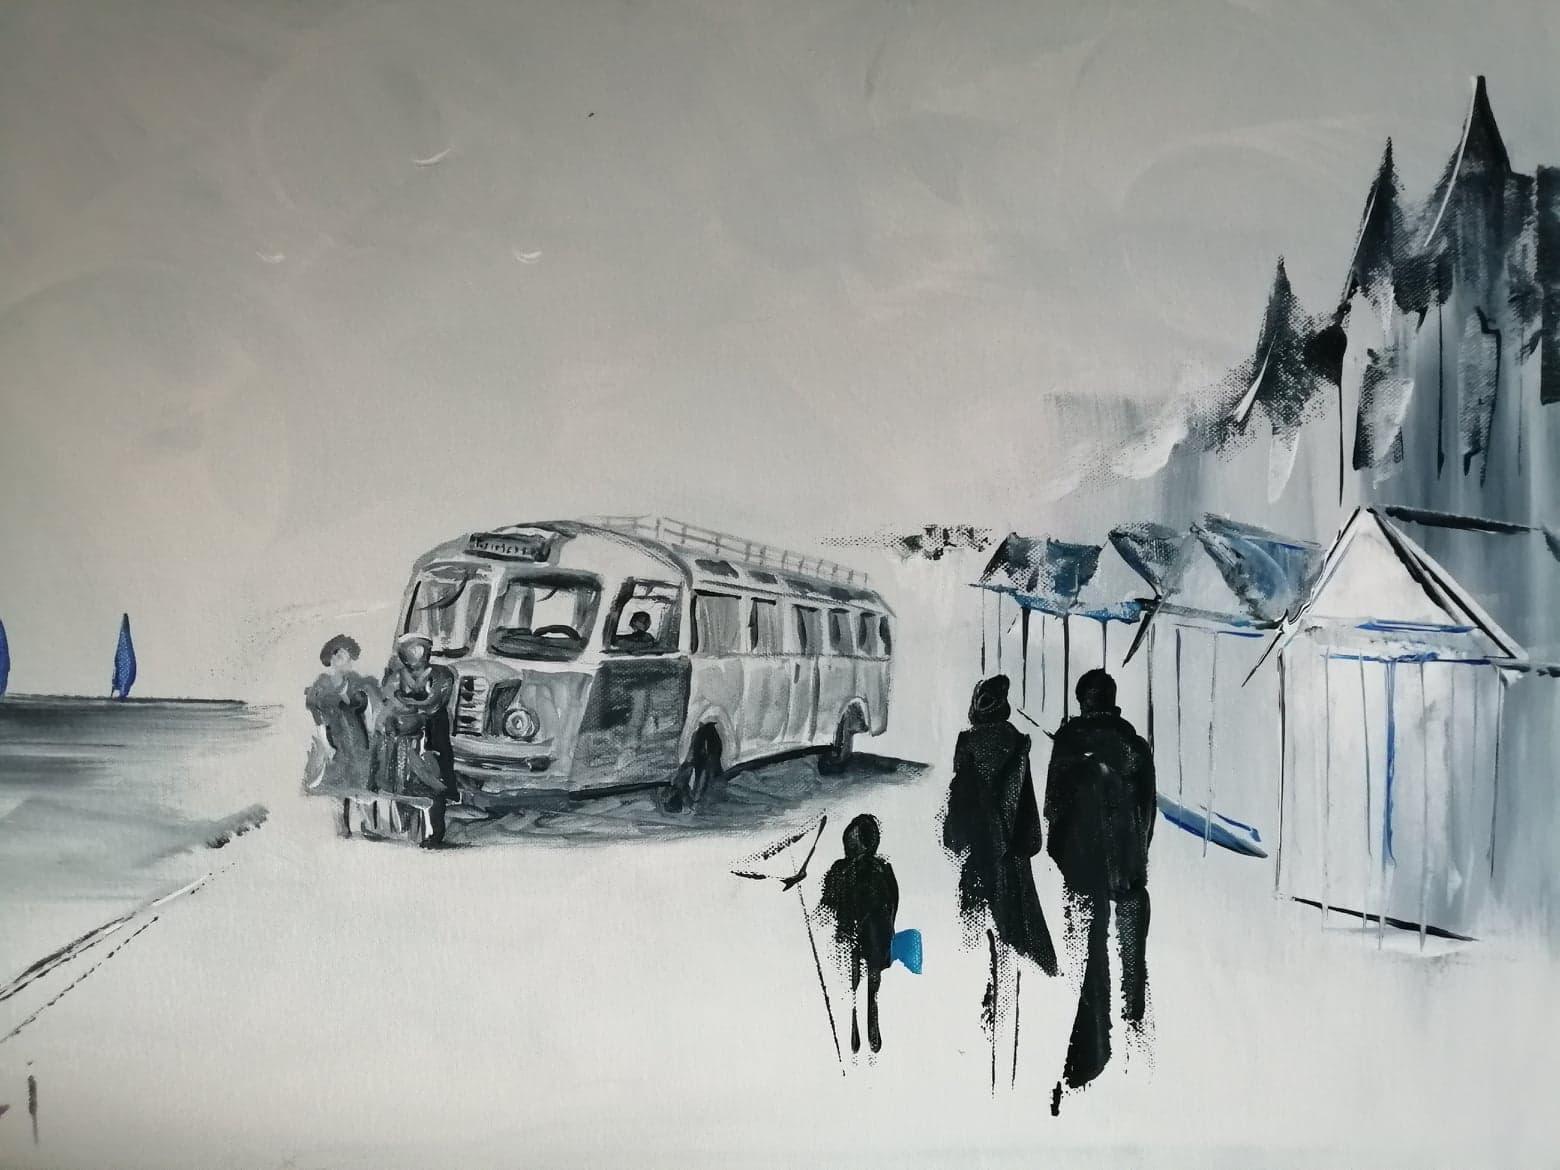 Le bus sur la digue deposant les vacanciers 50 x 70 cm 1